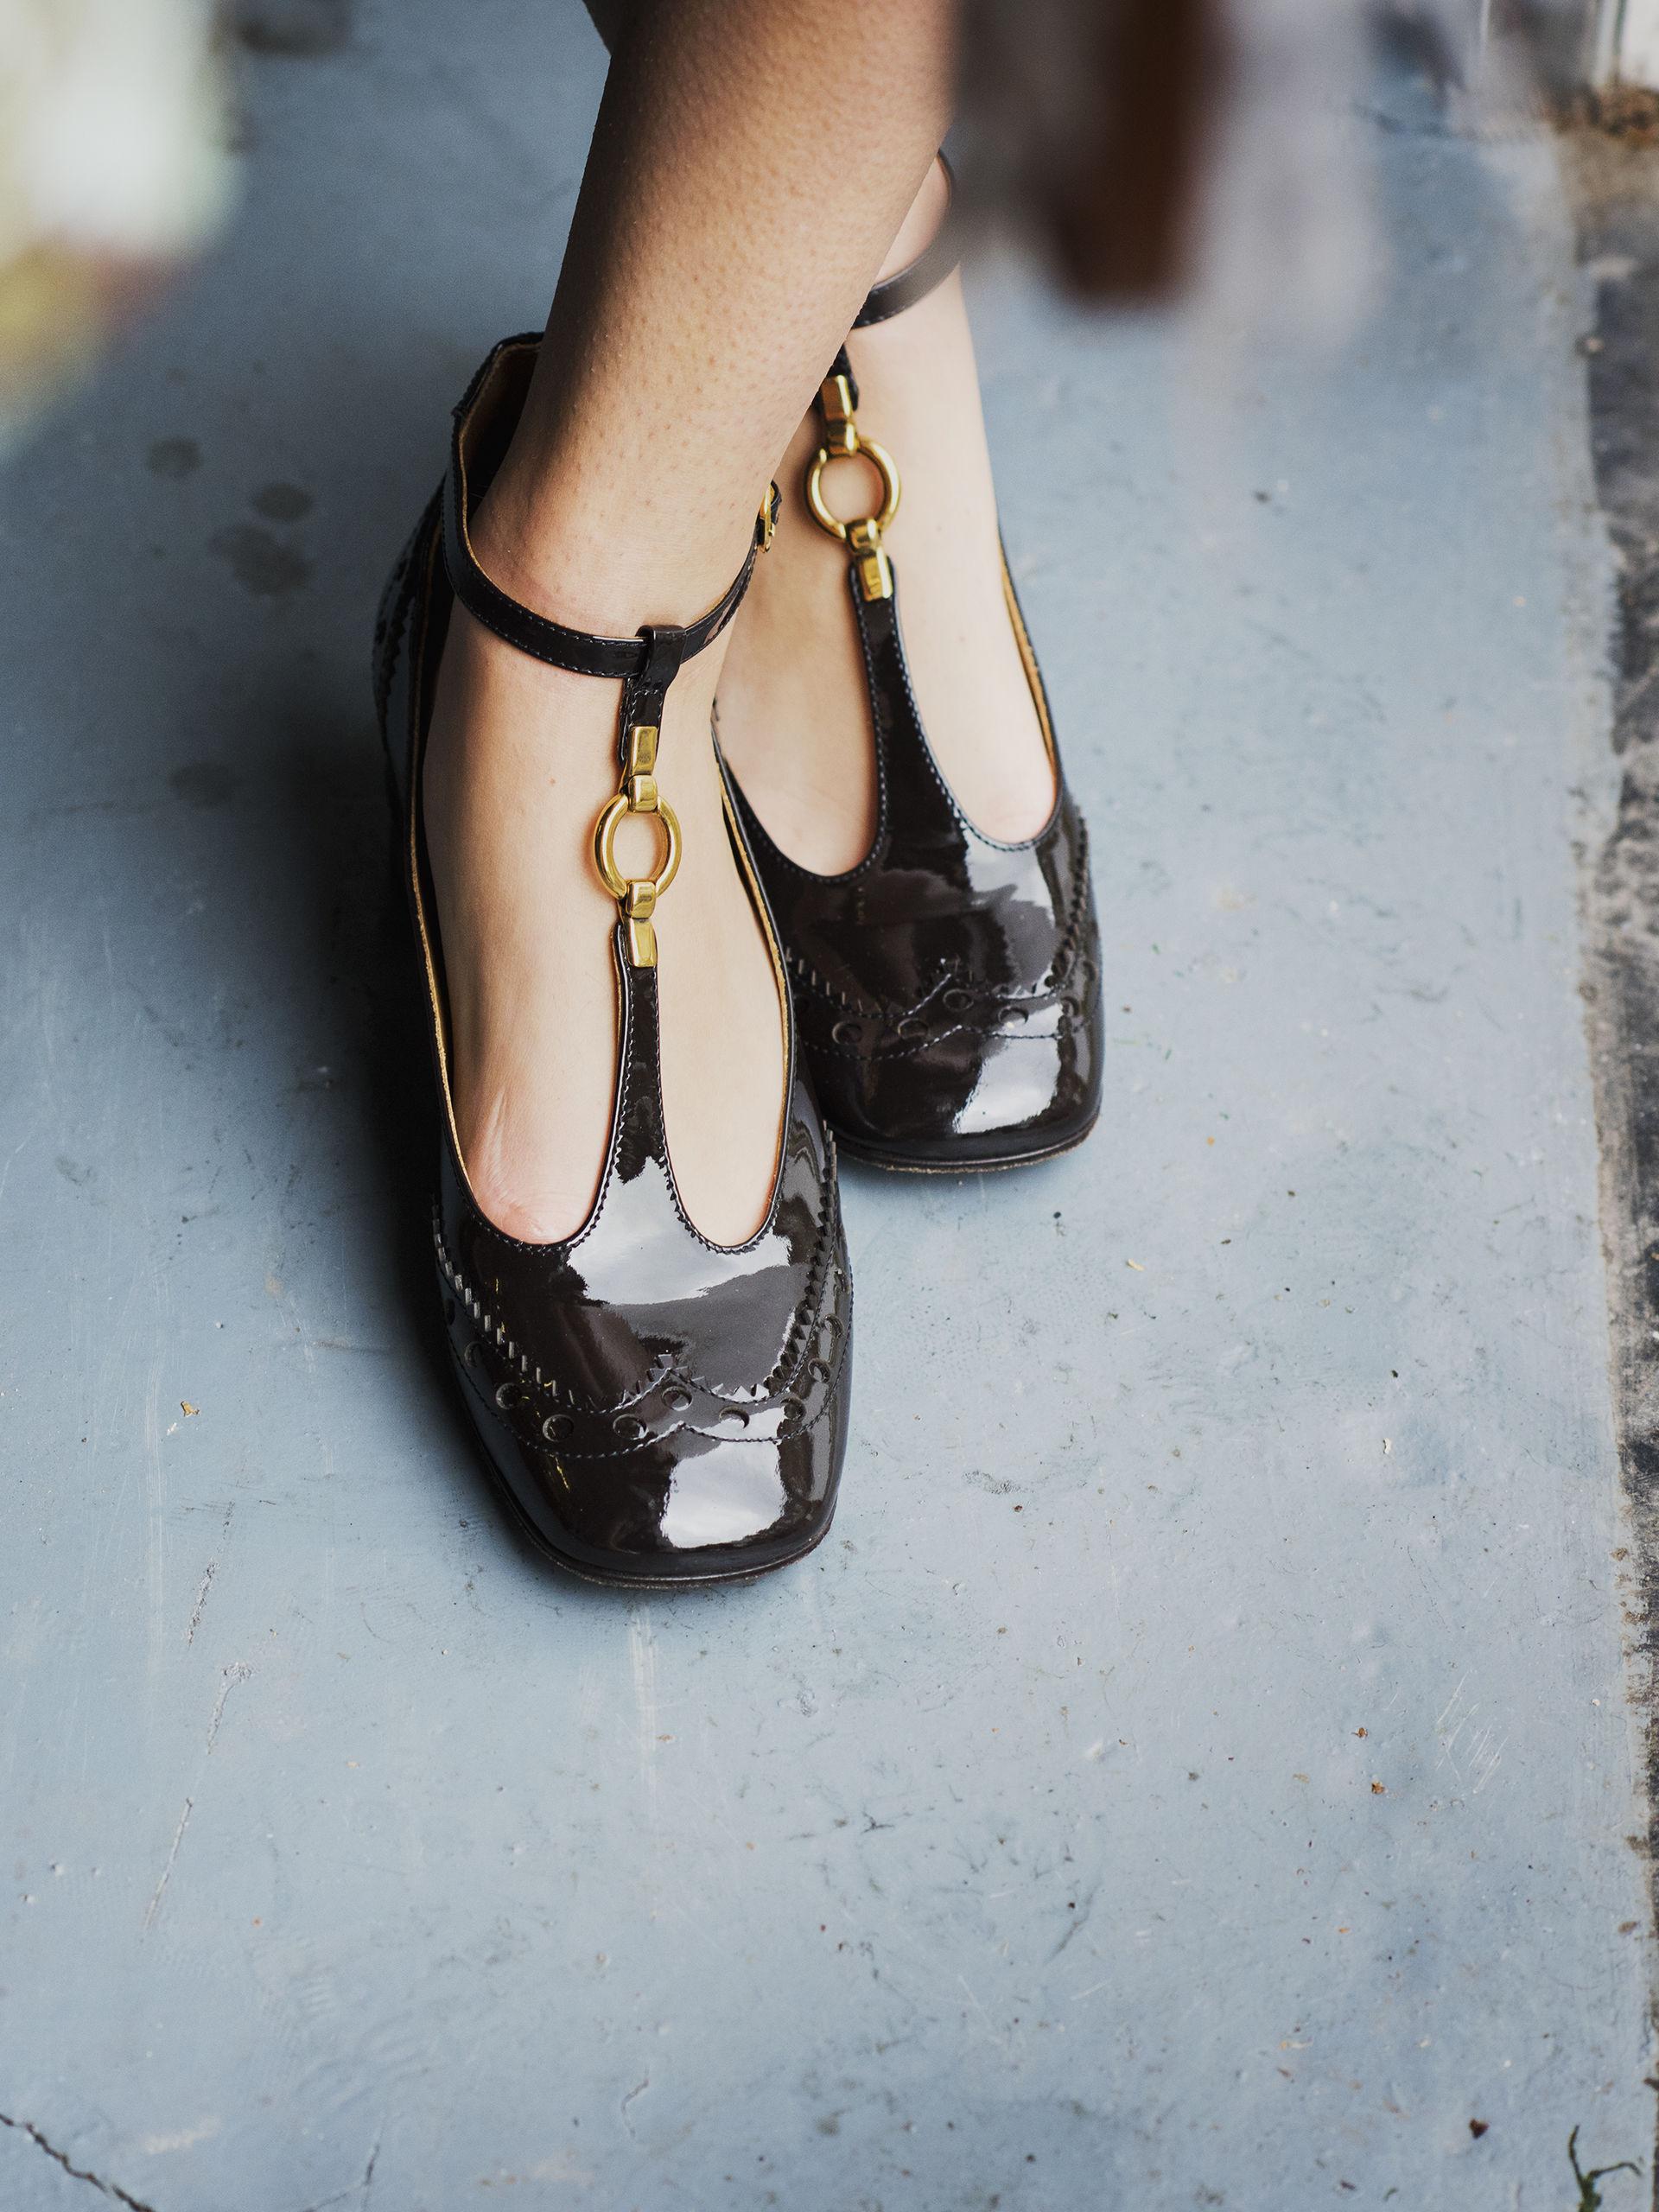 Chlo 233 Official Website Shop Women S Shoes